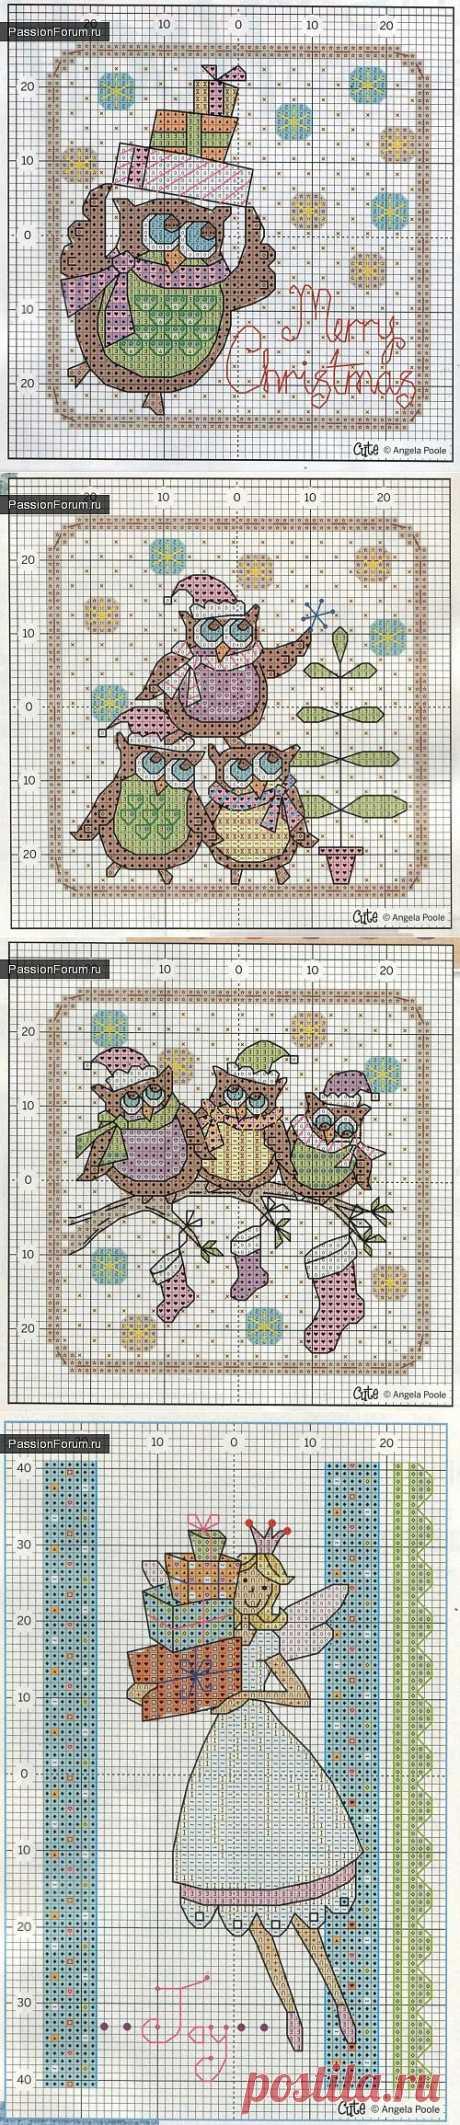 Схемы вышивки крестом новогодних открыток / Новогодний декор / PassionForum - мастер-классы по рукоделию